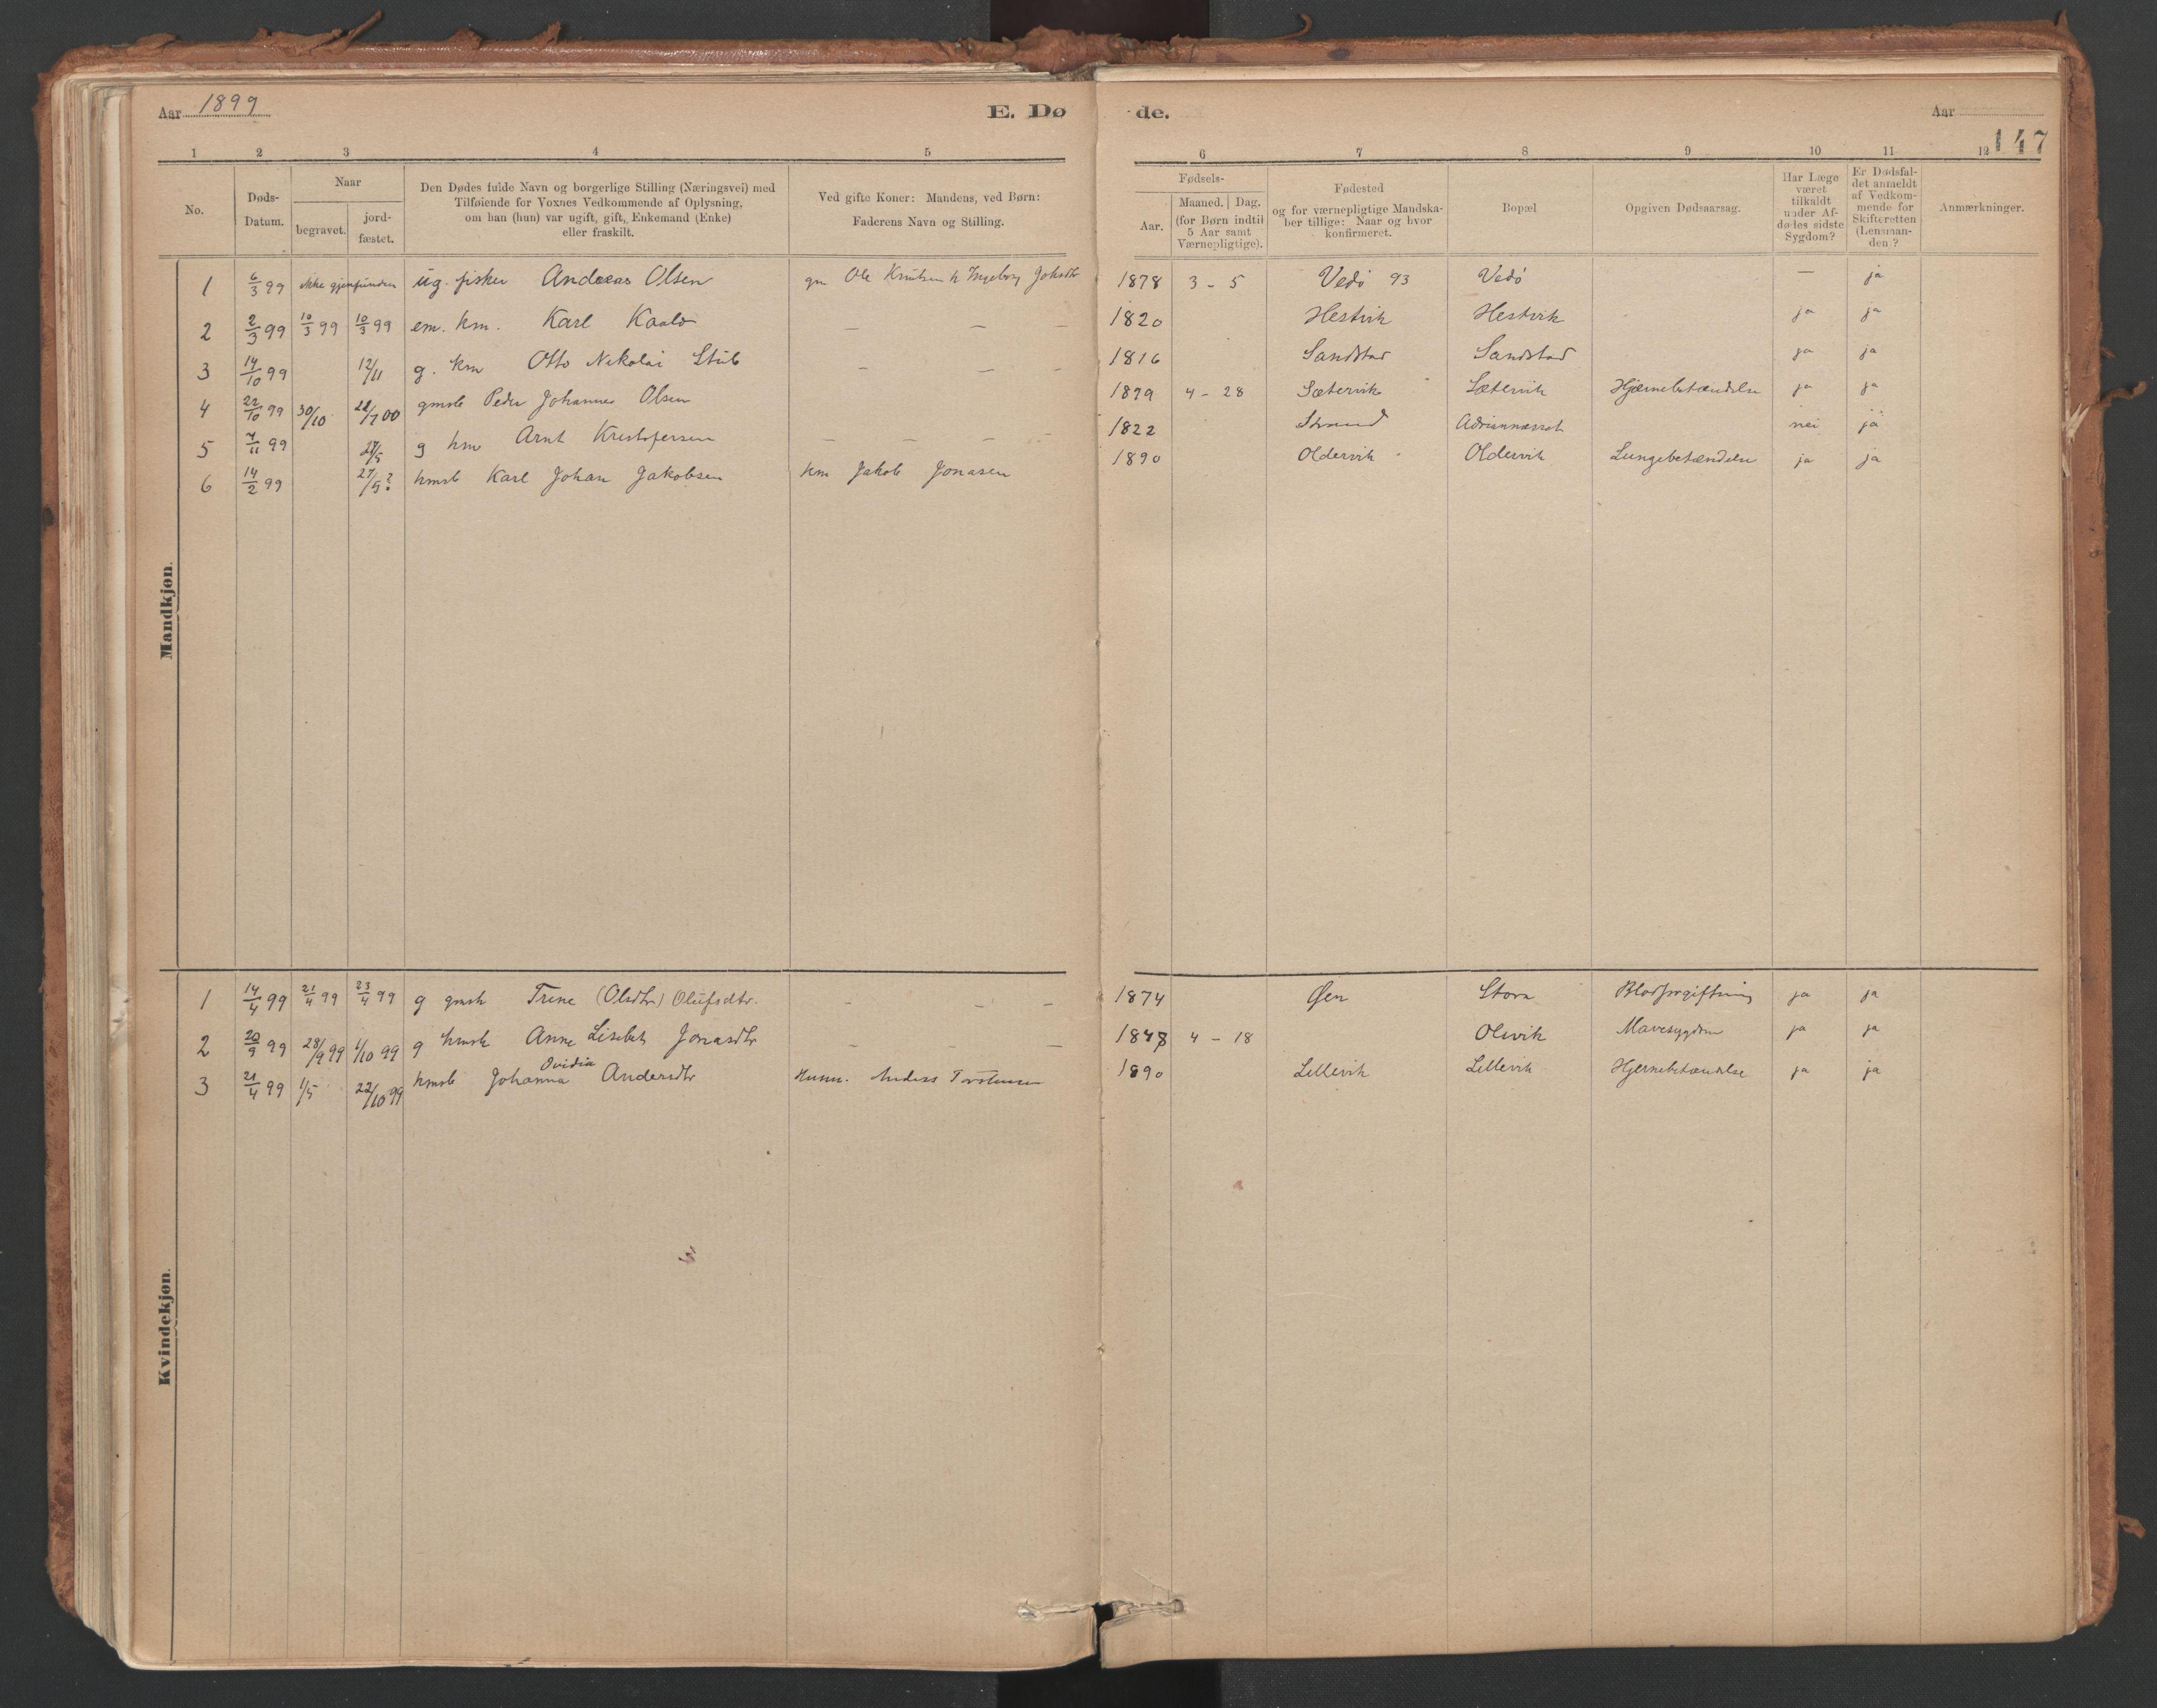 SAT, Ministerialprotokoller, klokkerbøker og fødselsregistre - Sør-Trøndelag, 639/L0572: Ministerialbok nr. 639A01, 1890-1920, s. 147